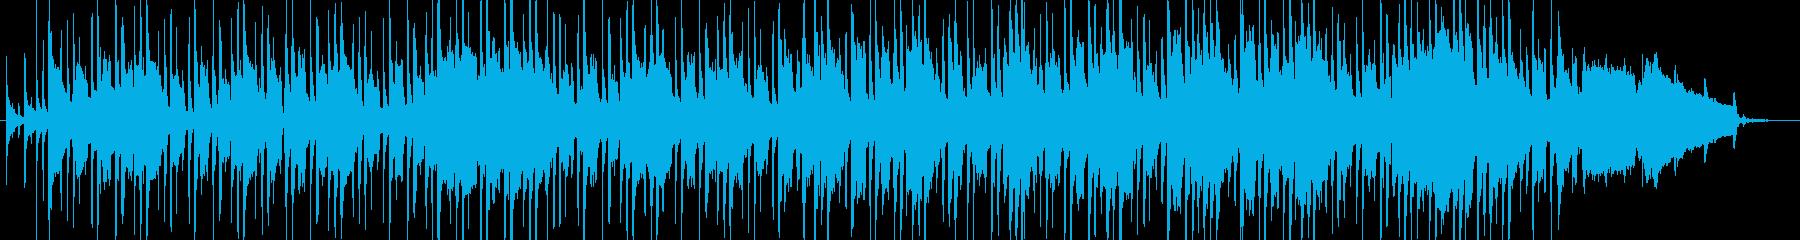 バサノバ ほのぼの 幸せ ゆっくり...の再生済みの波形